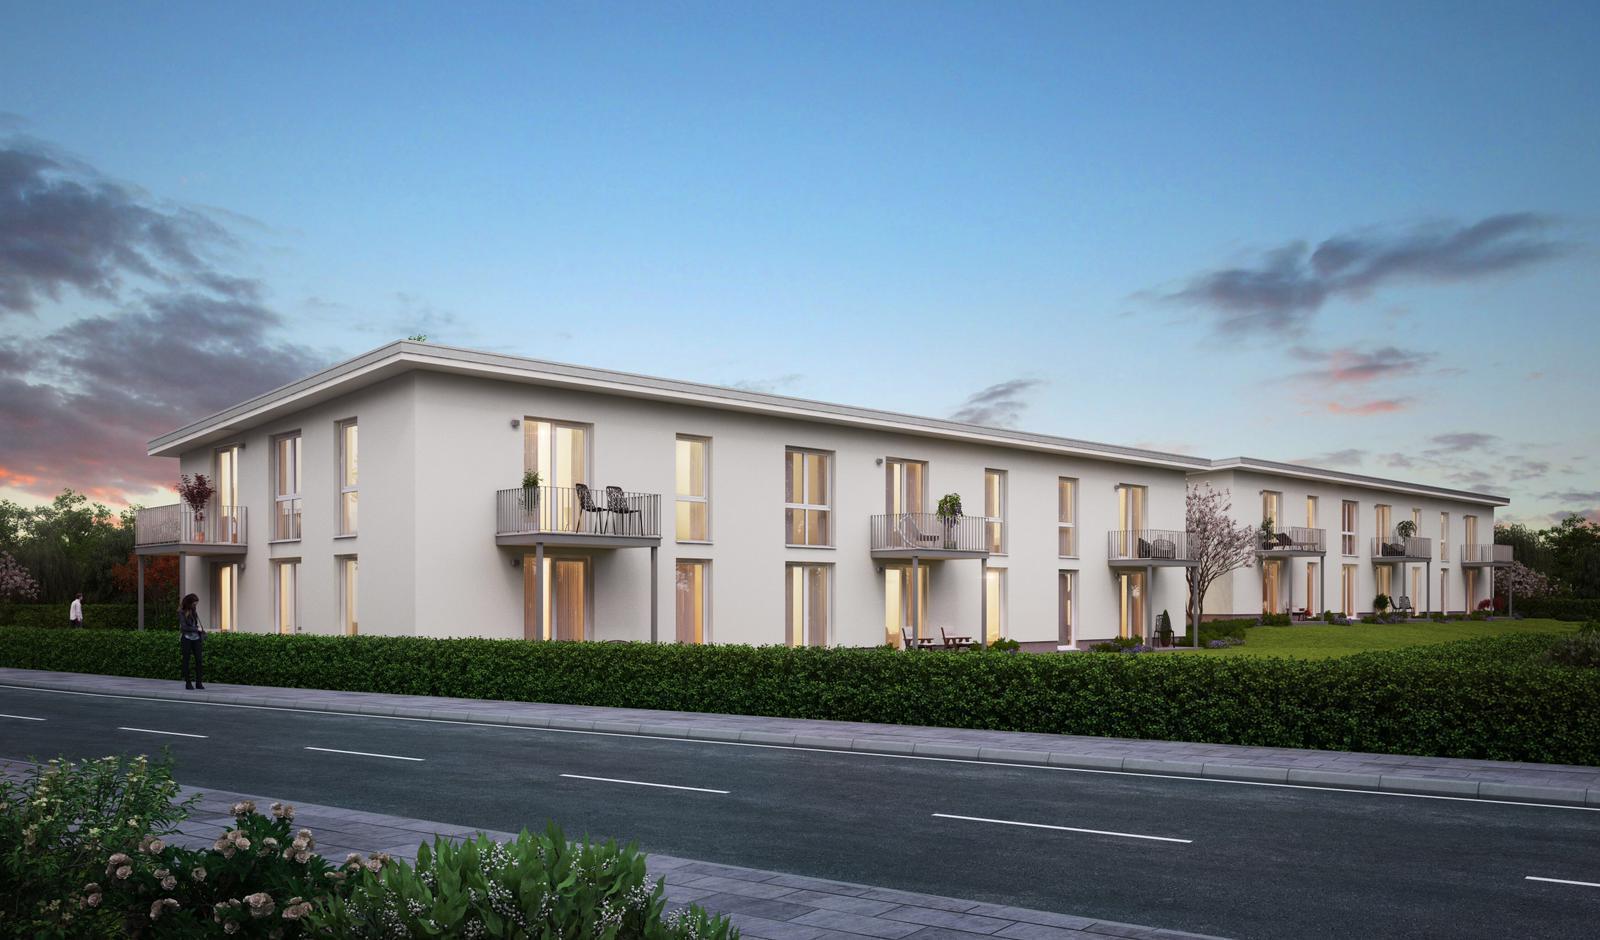 Zwei Mehrfamilienhäuser in Attendorn